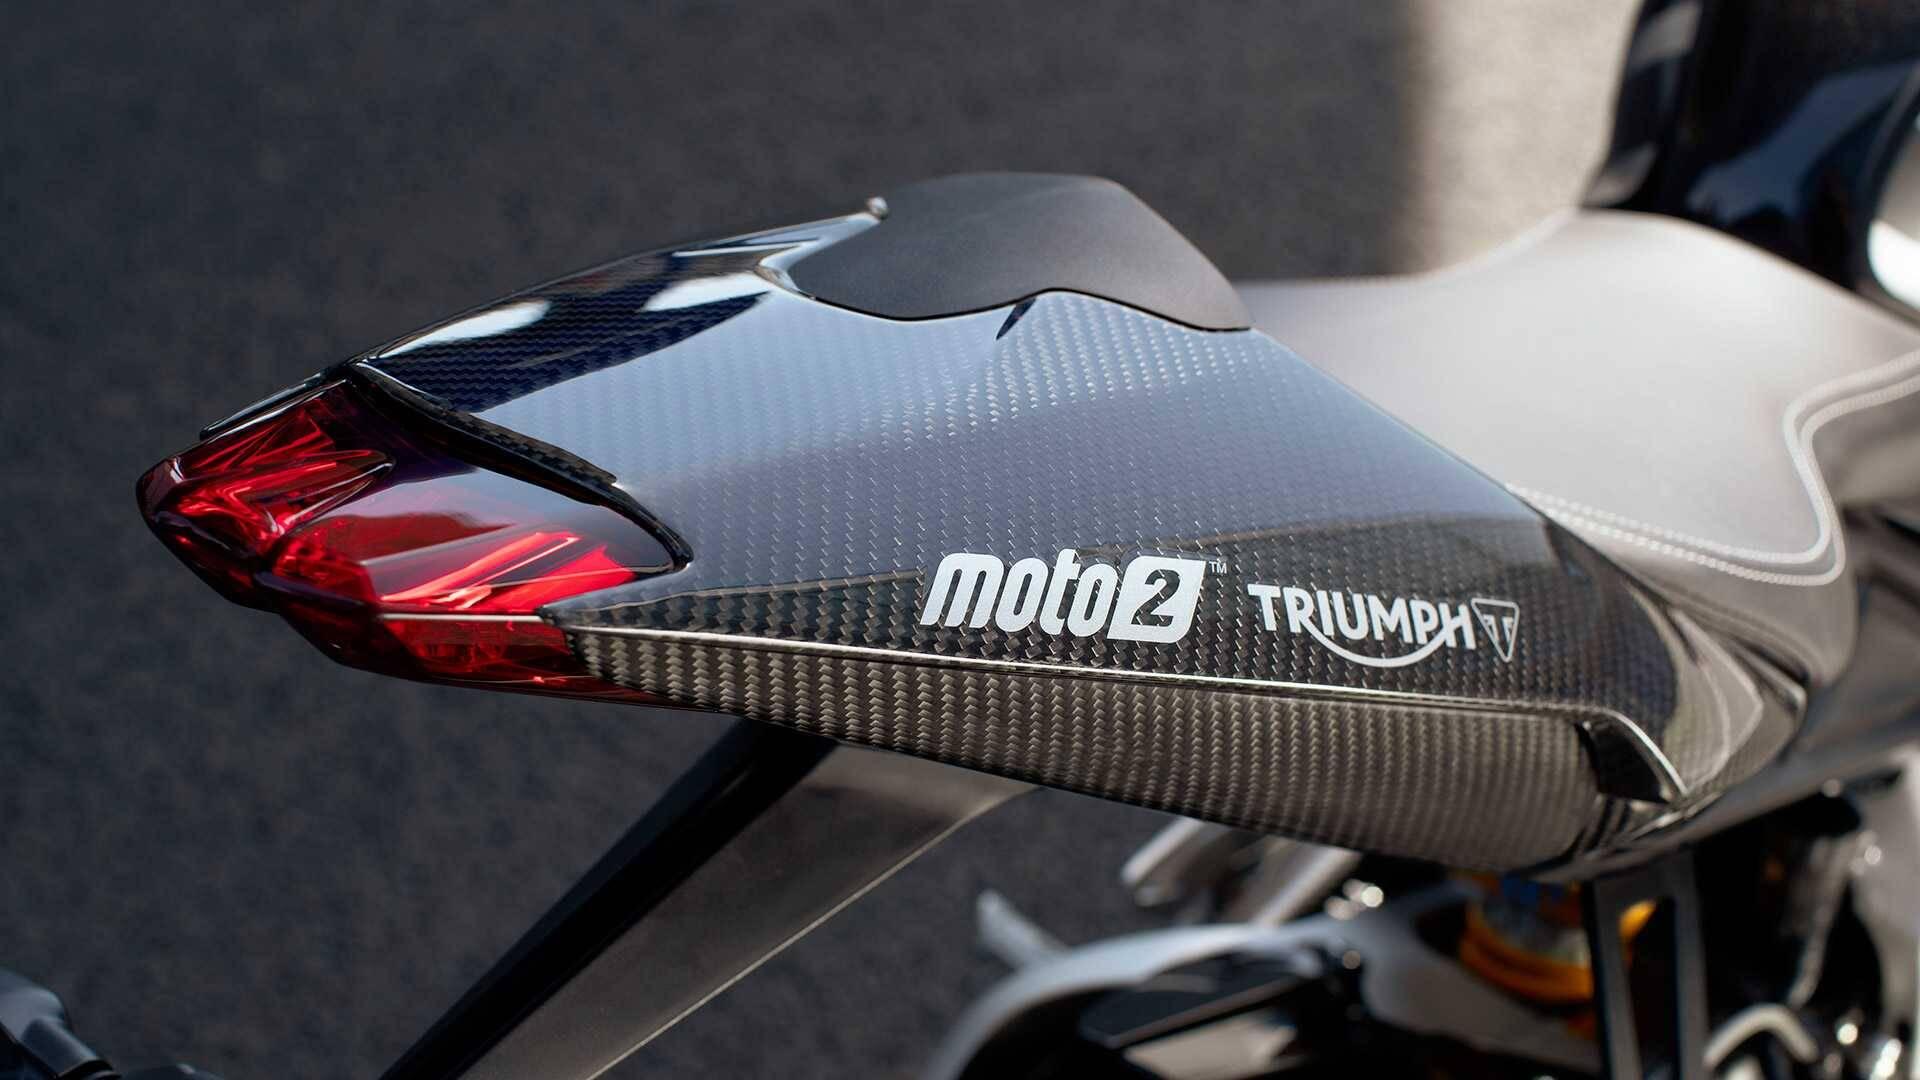 Triumph Daytona Moto2 765. Foto: Divulgação